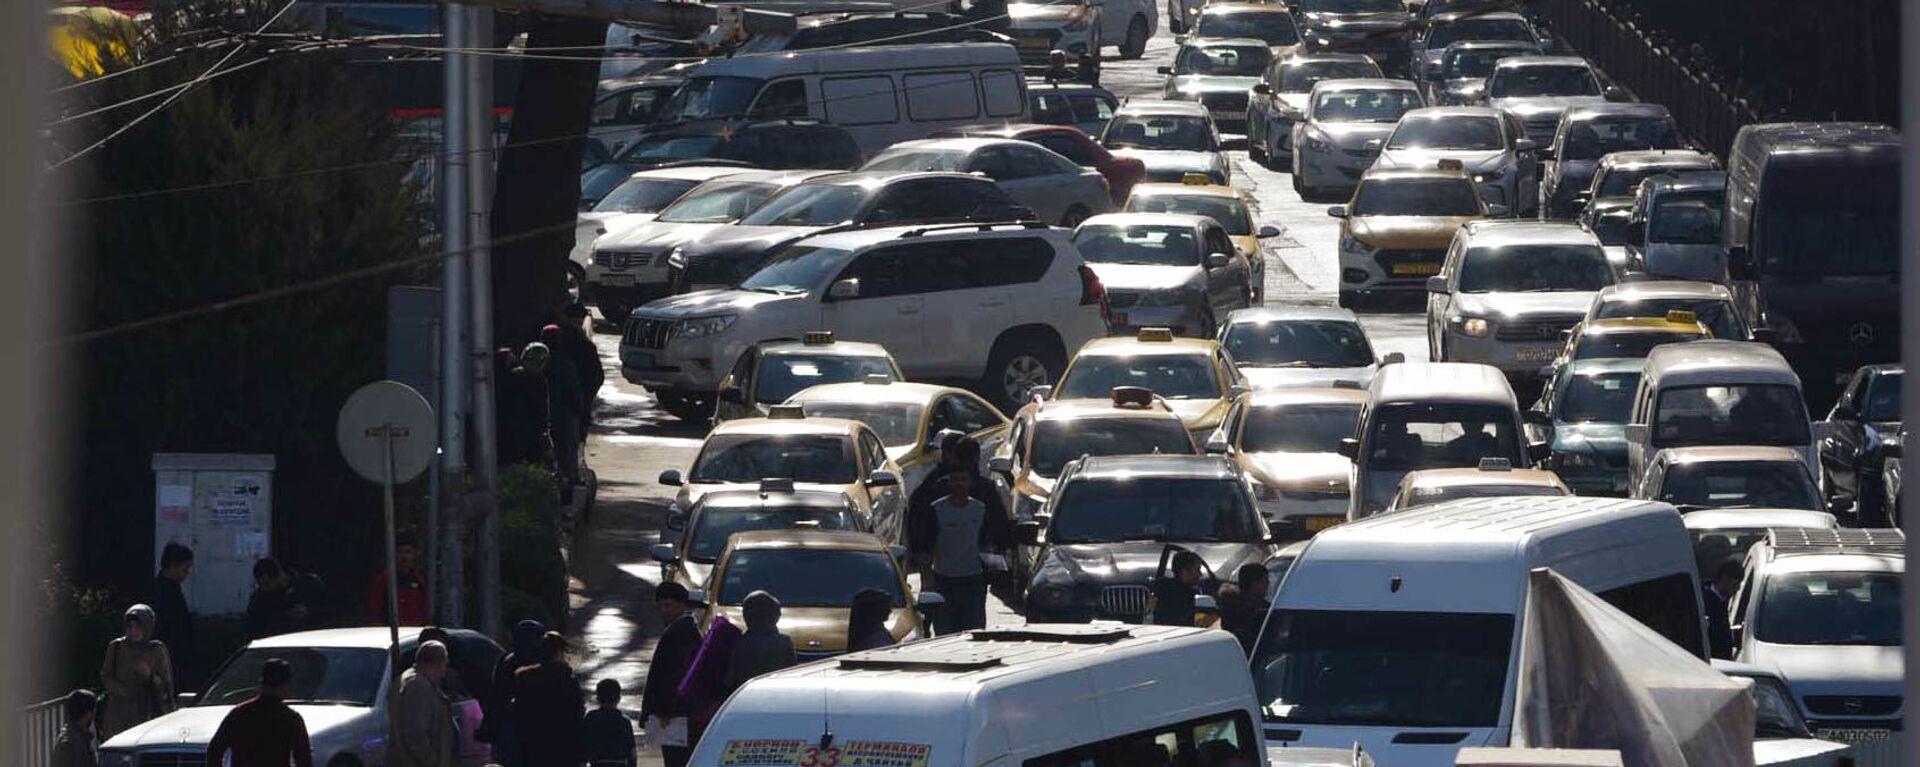 Автомобильная пробка на дороге в Душанбе - Sputnik Таджикистан, 1920, 08.02.2021